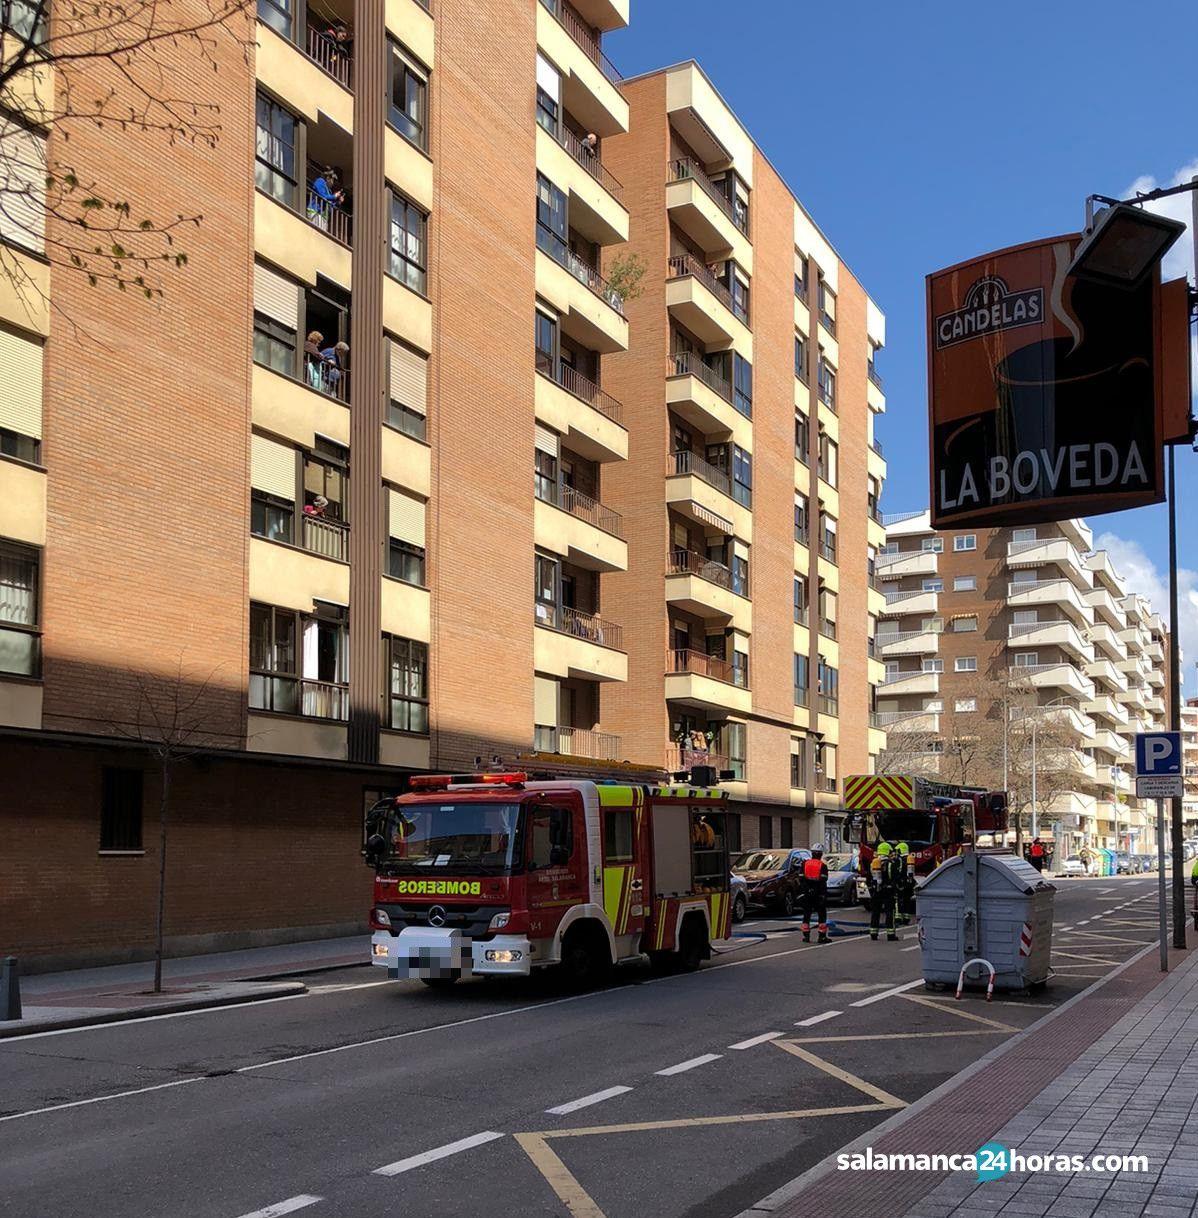 Bomberos en calle del Doctor Gómez Ulla (25 3 2020) (3)